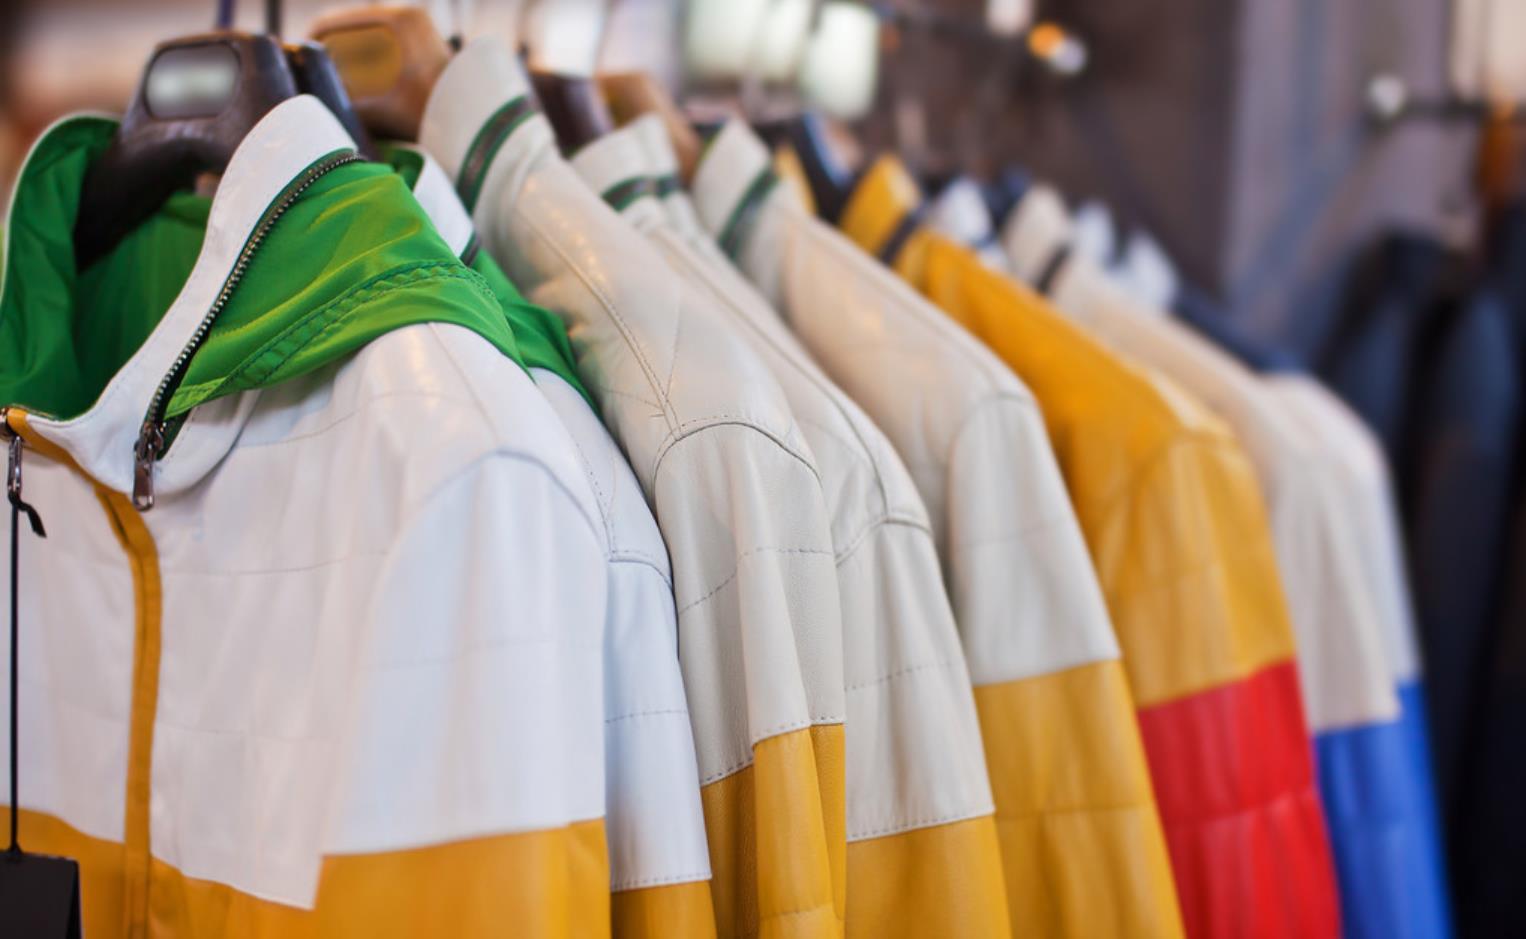 供应链管理环境下 服装企业的采购管理面临的要求与挑战